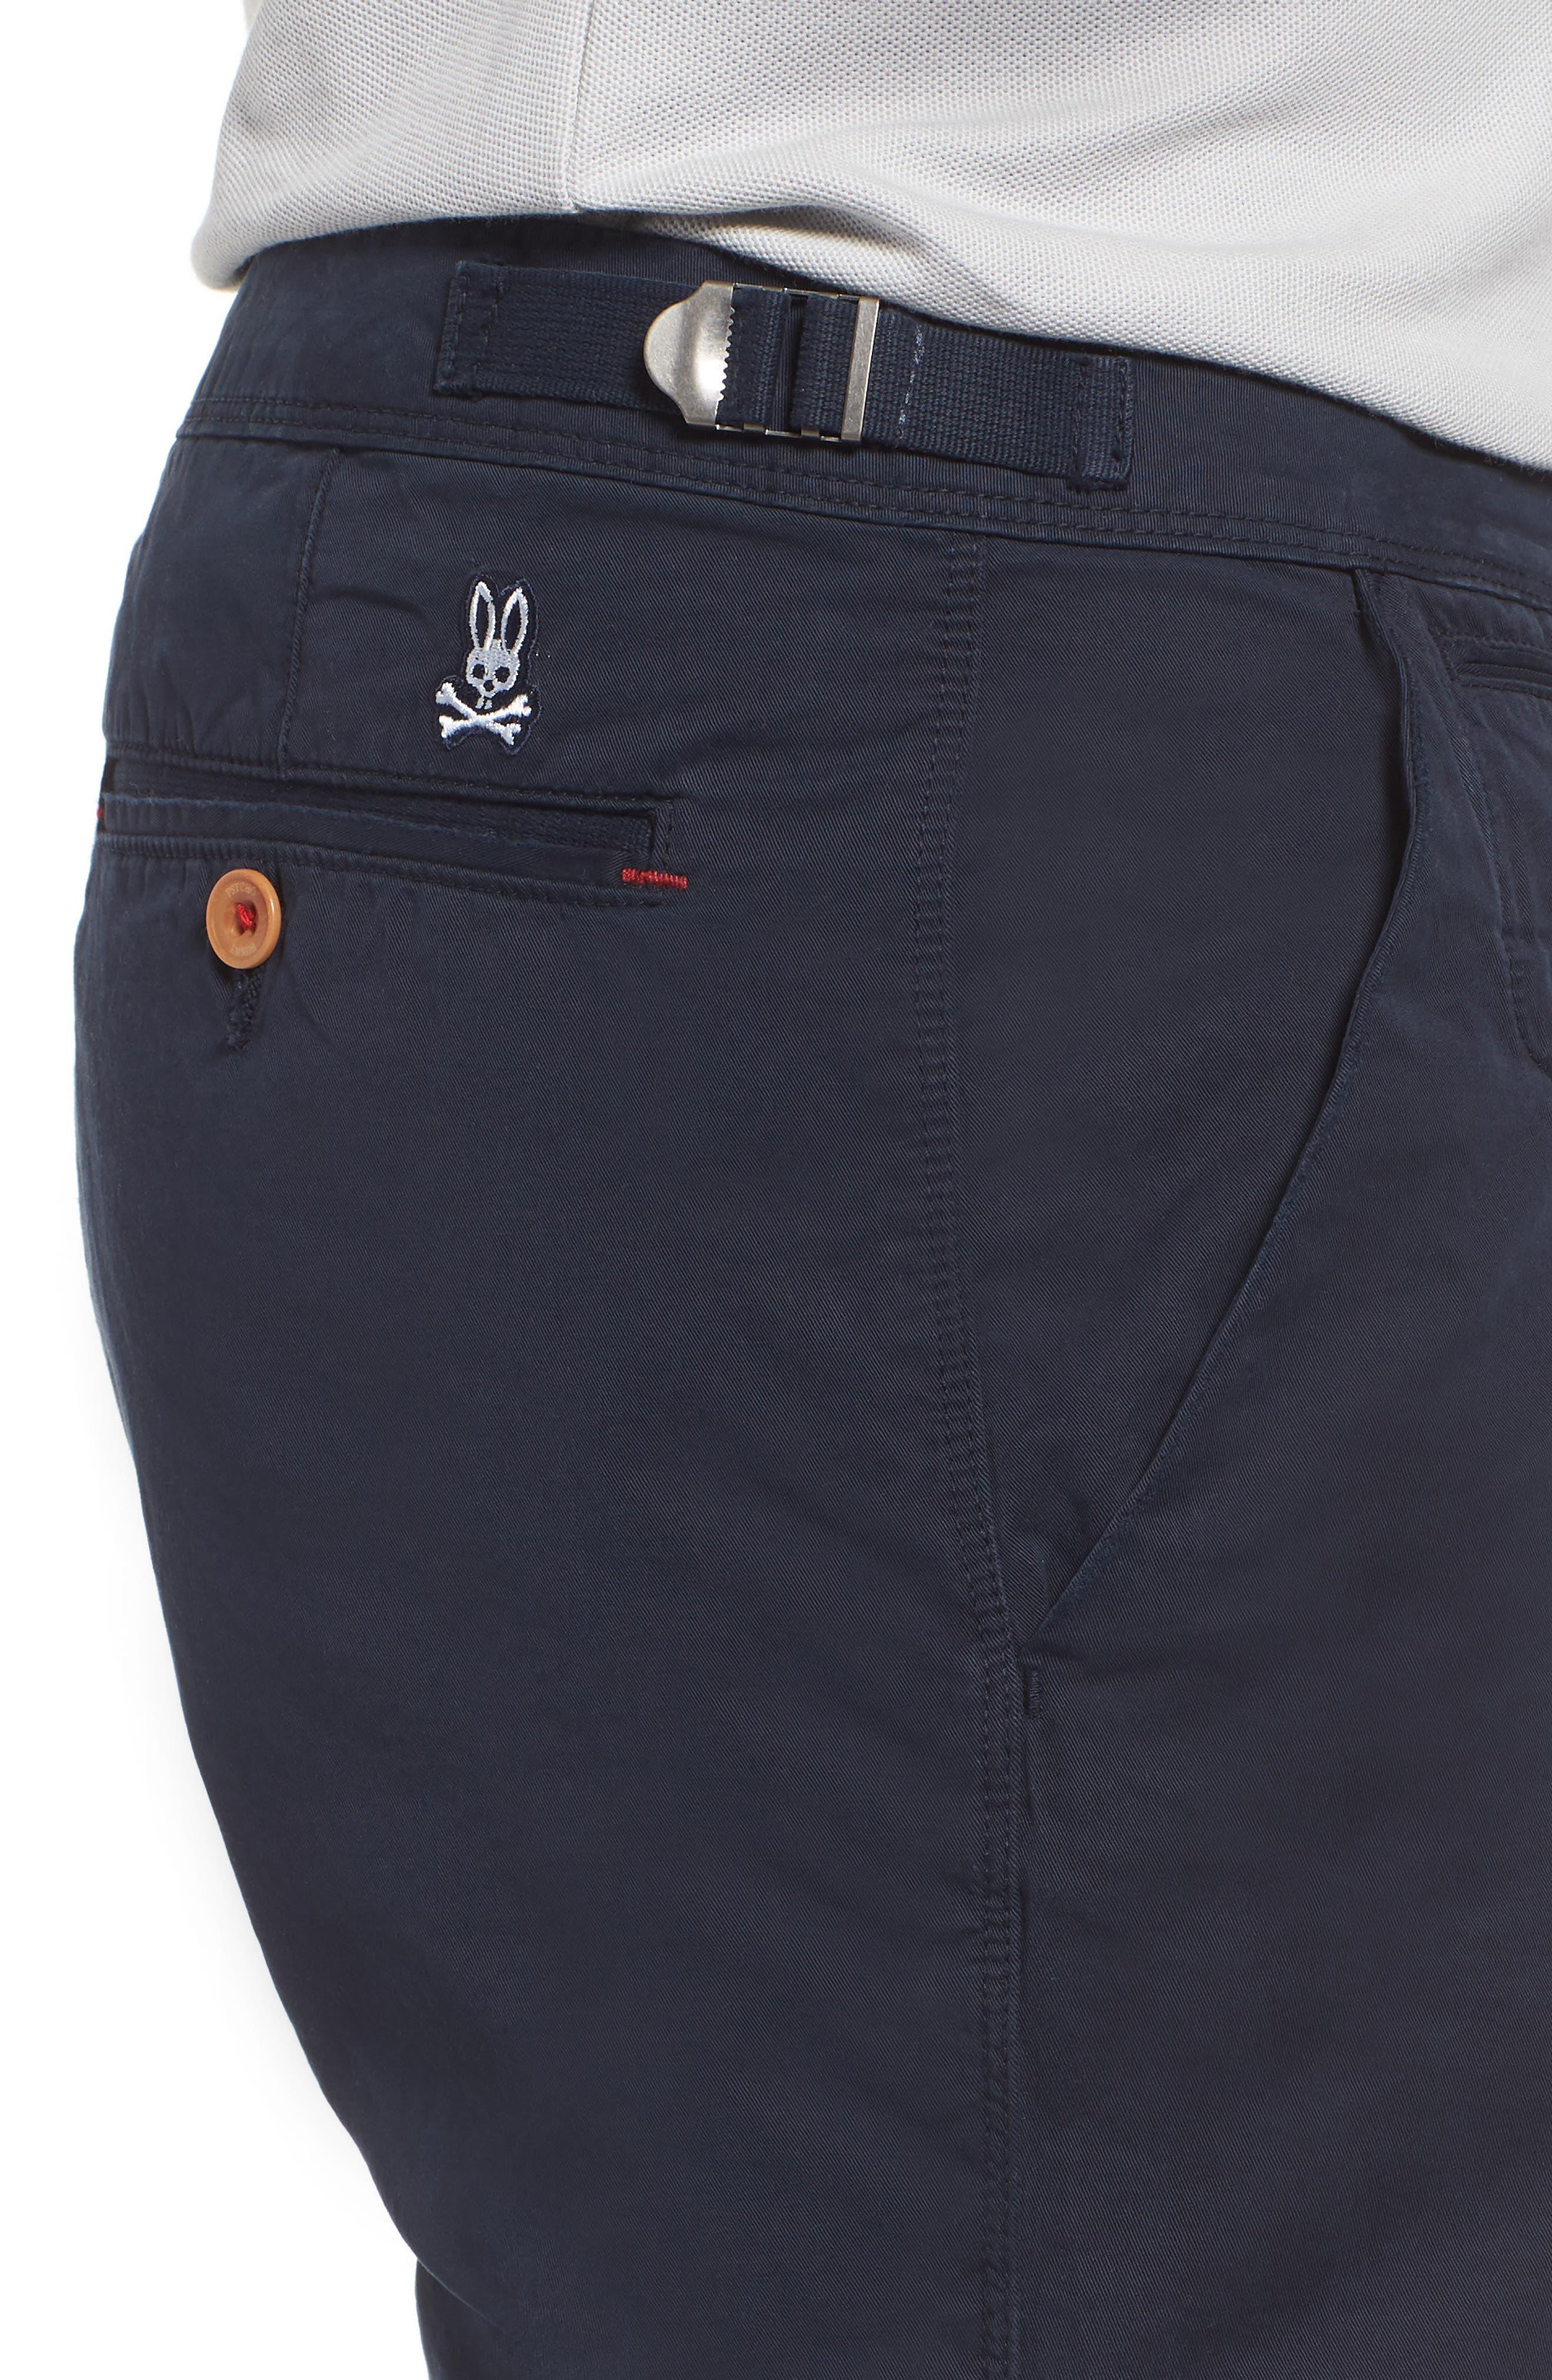 Triumph Shorts,                             Alternate thumbnail 47, color,